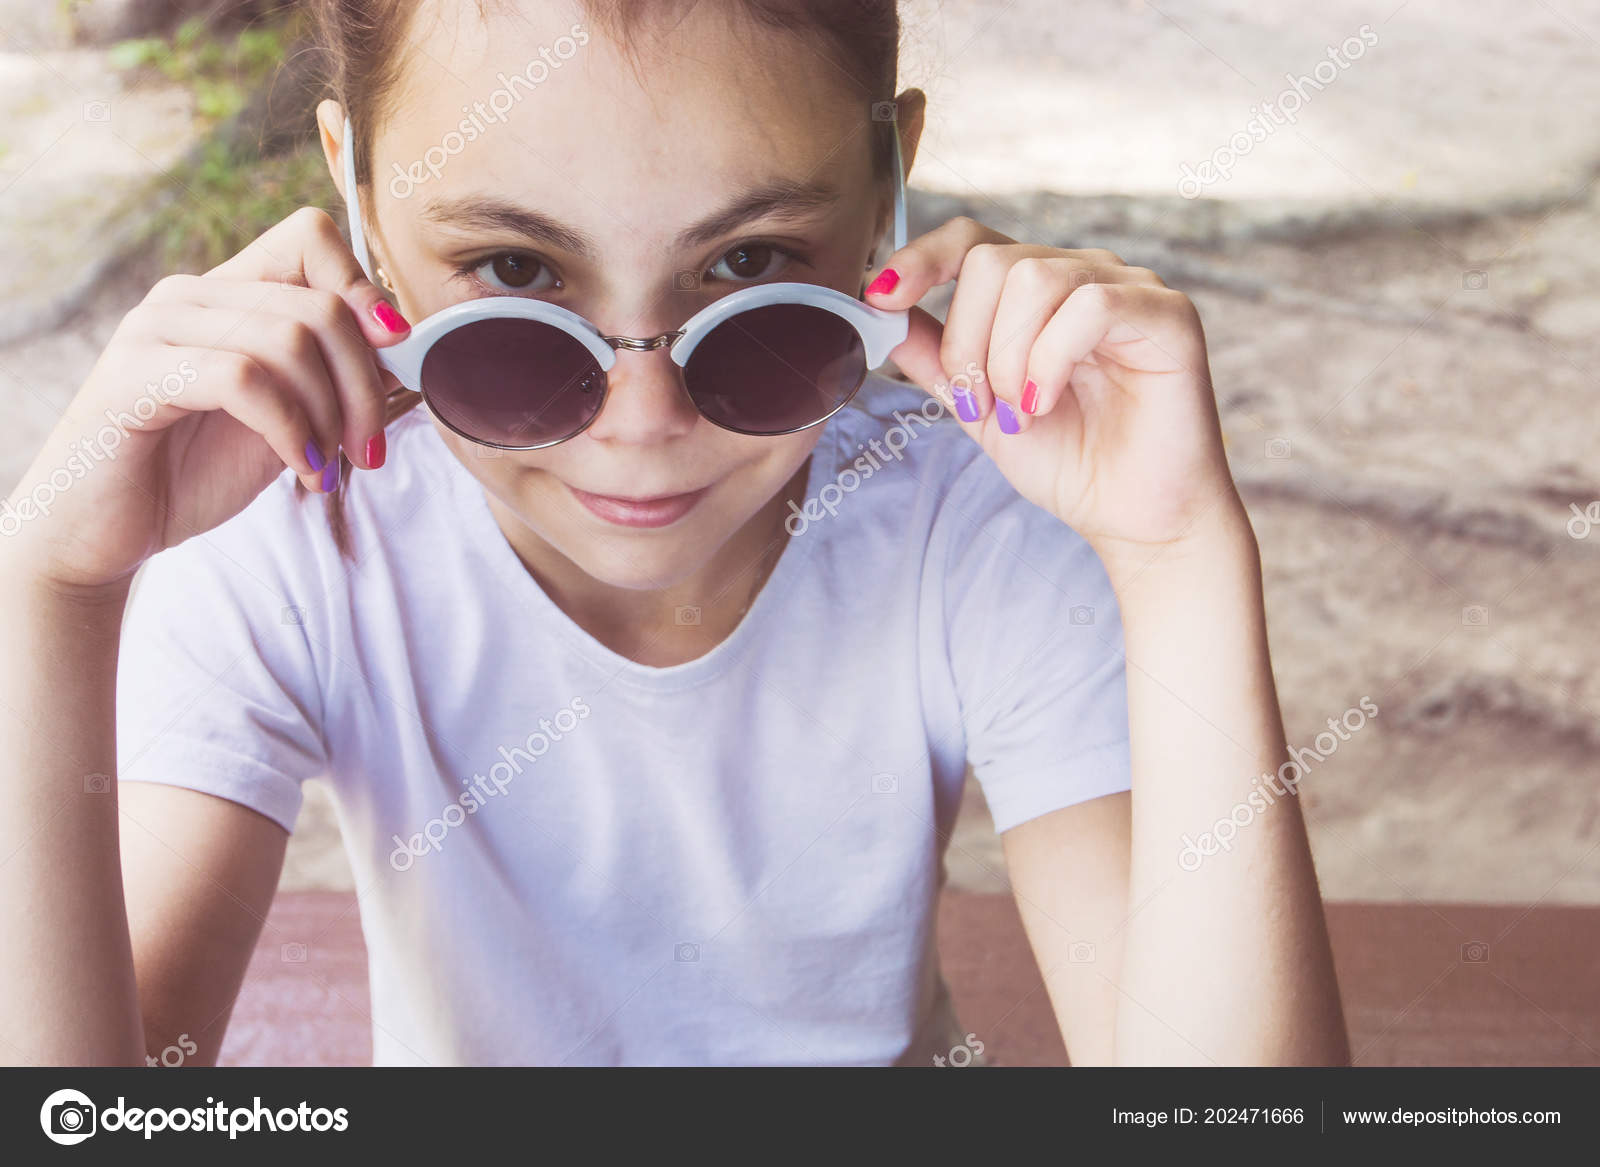 c2eccf72e5 Bonne Petite Fille Avec Des Lunettes Soleil Assis — Photographie ...